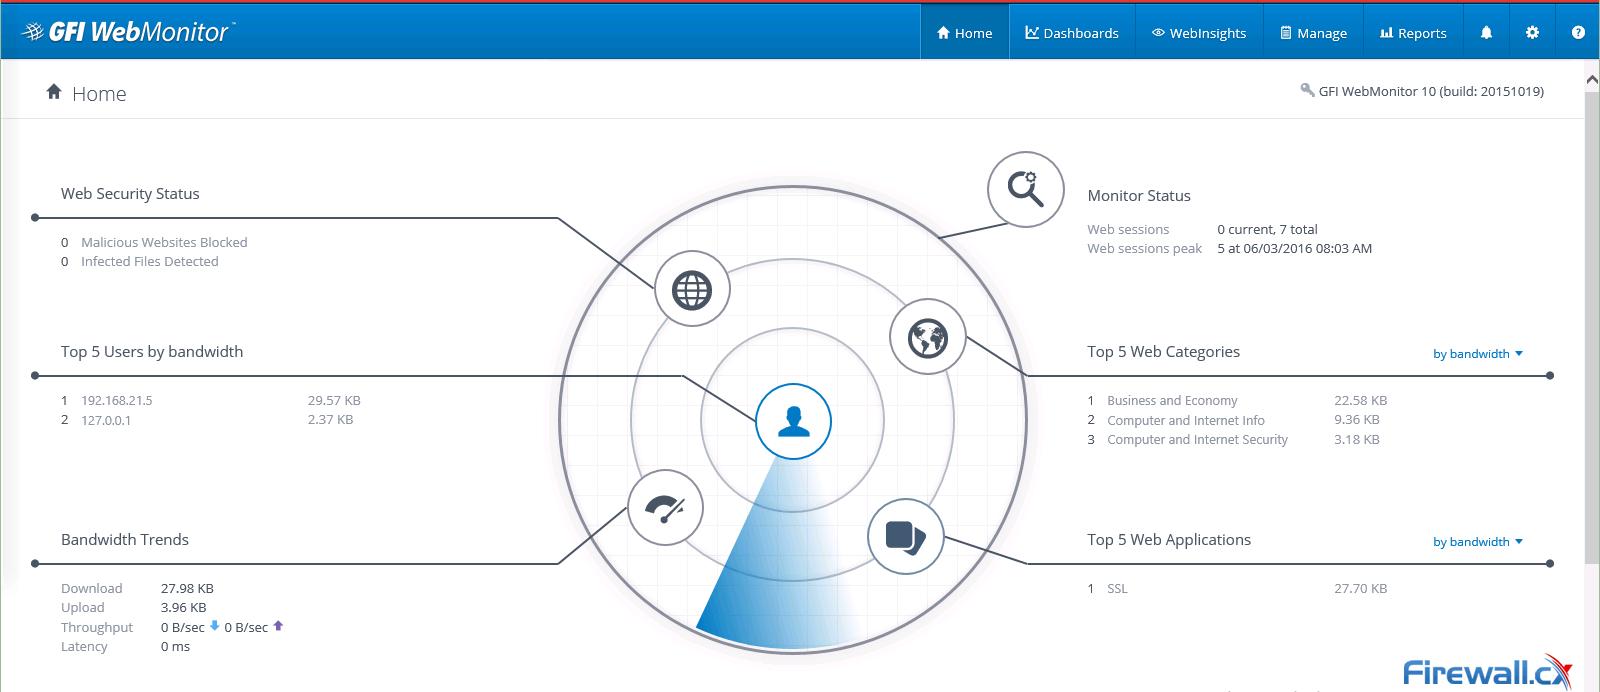 gfi-webmonitor-installation-setup-gateway-proxy-mode-7a